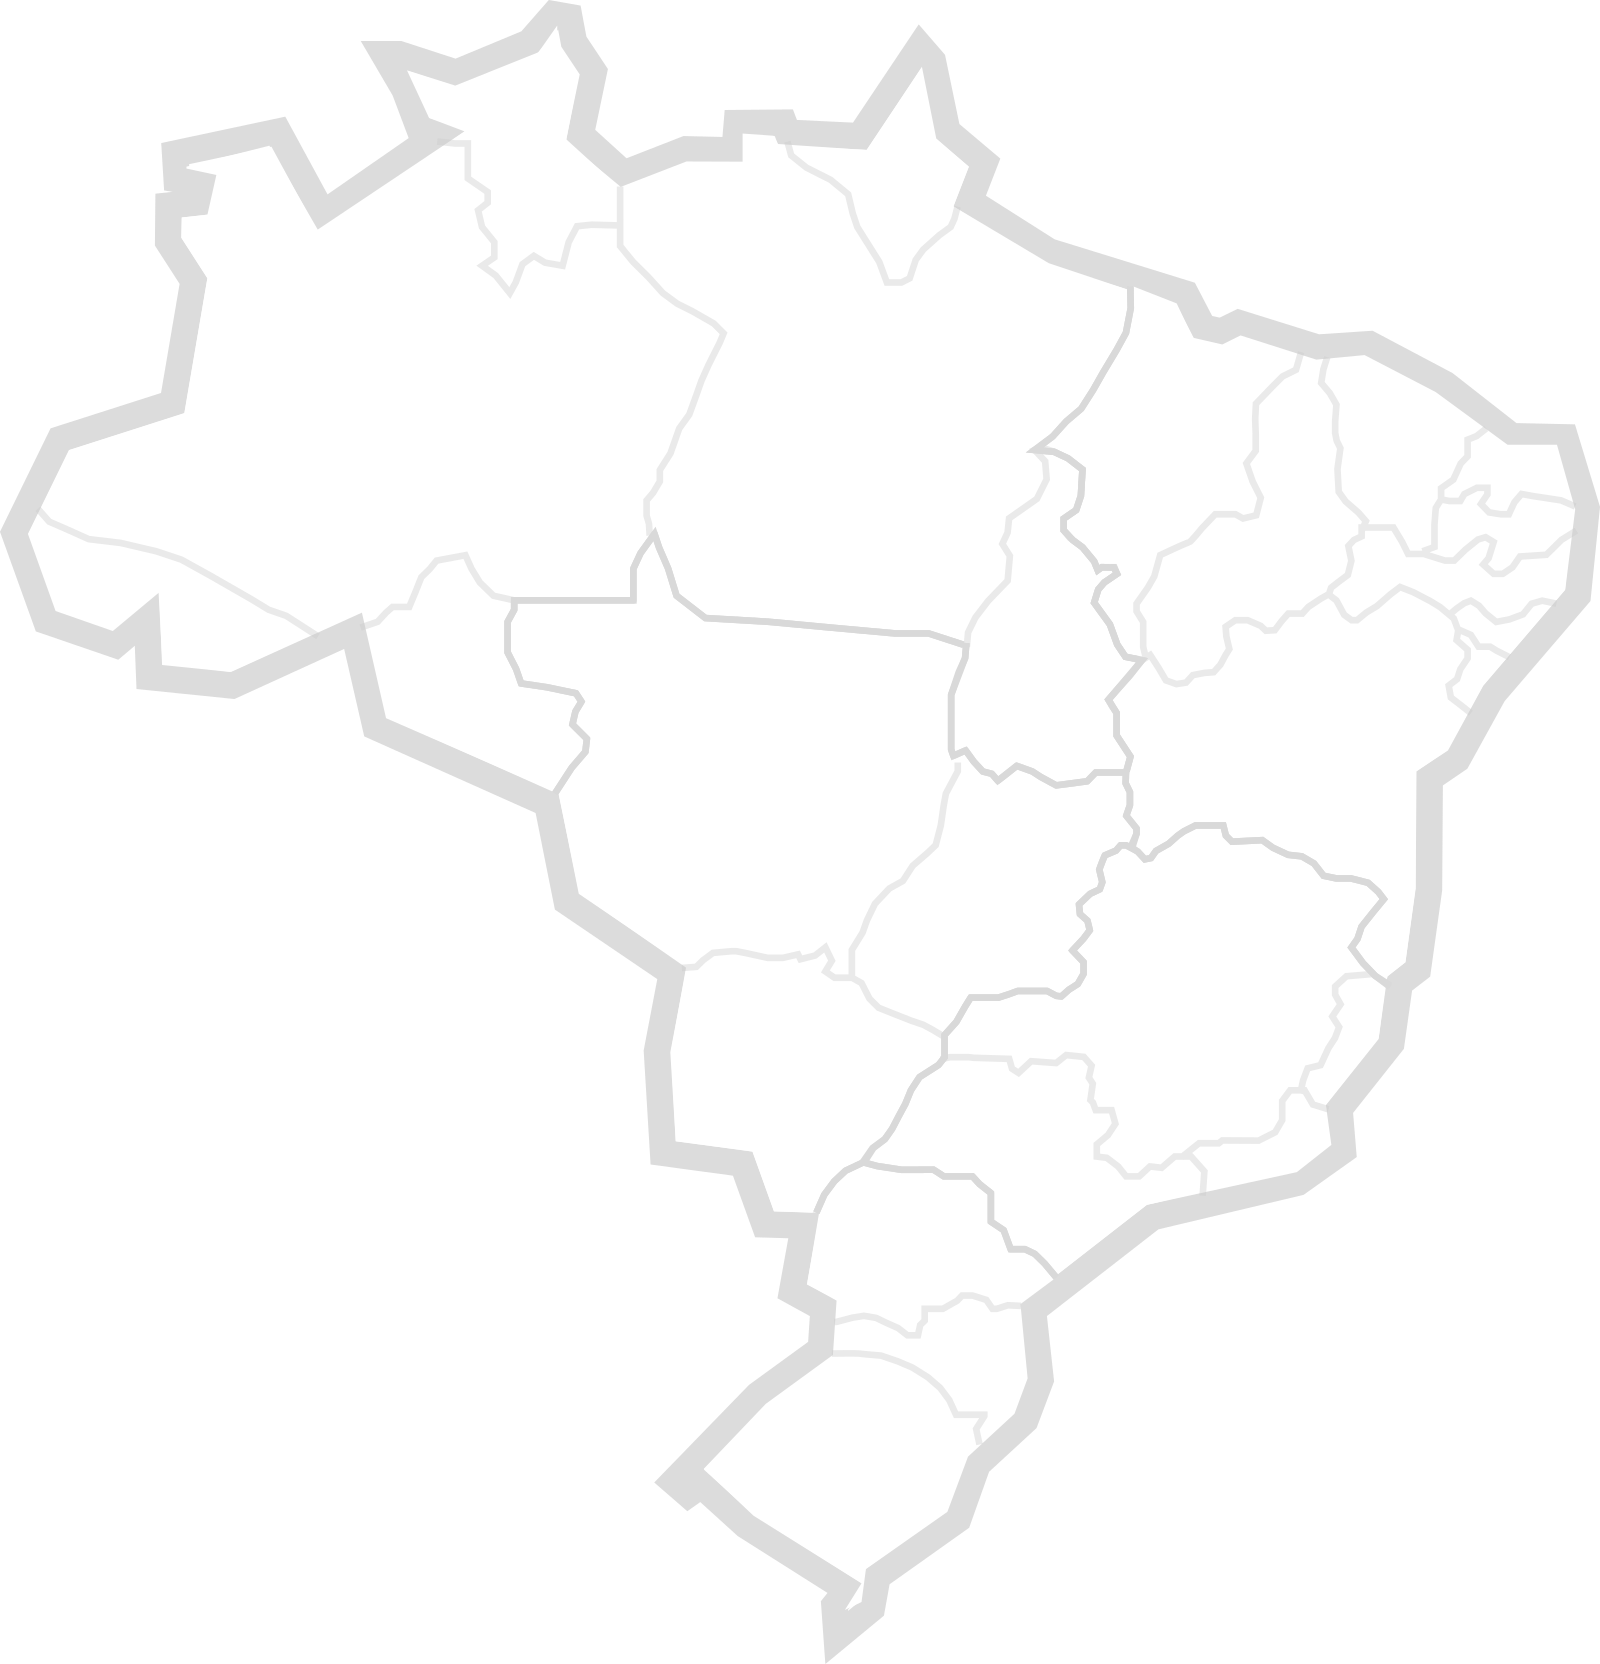 mapa-brasil-em-branco-2